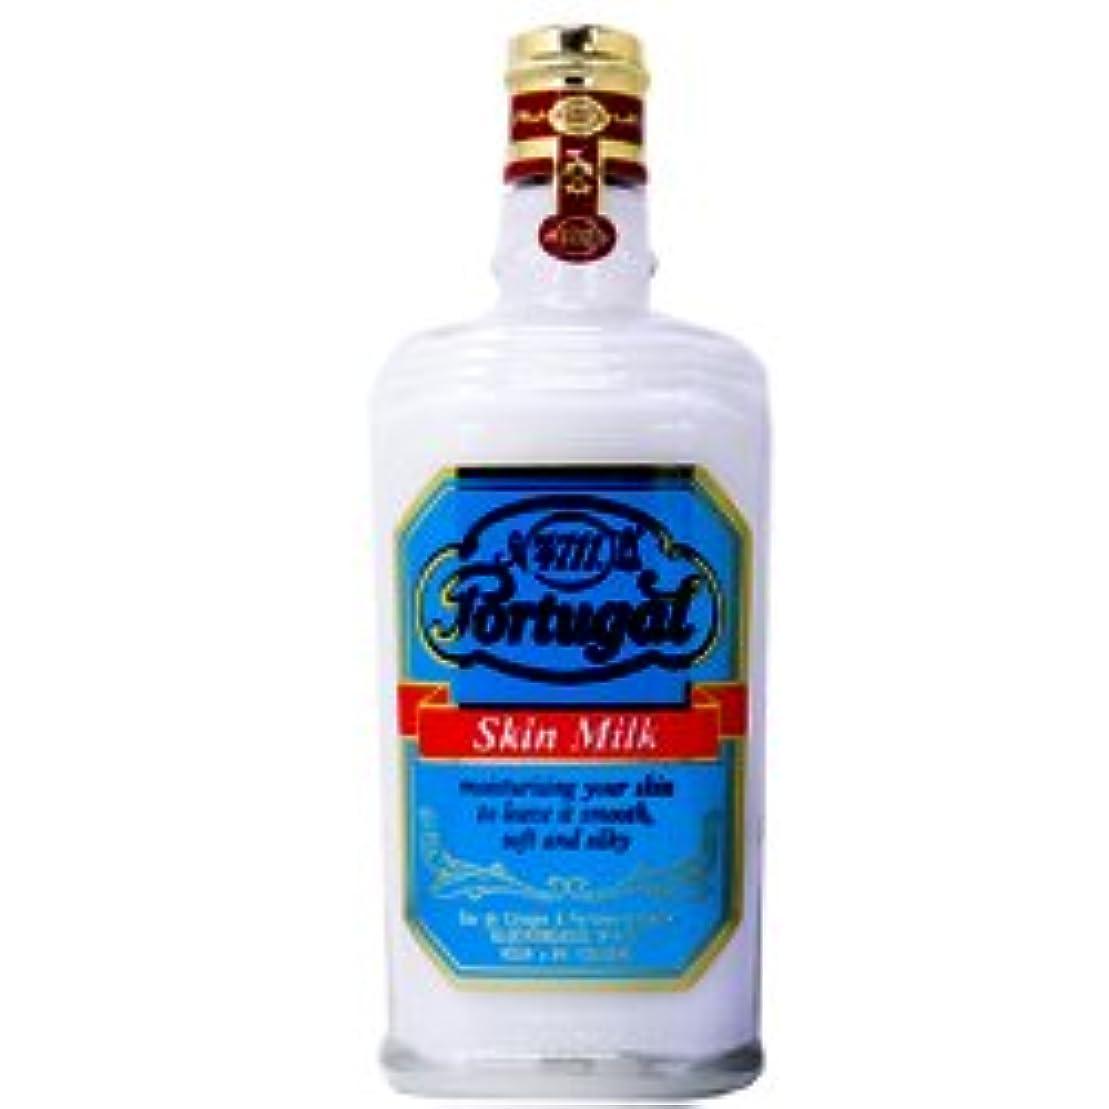 柳屋 4711 ポーチュガル スキンミルク (乳液) 150mL